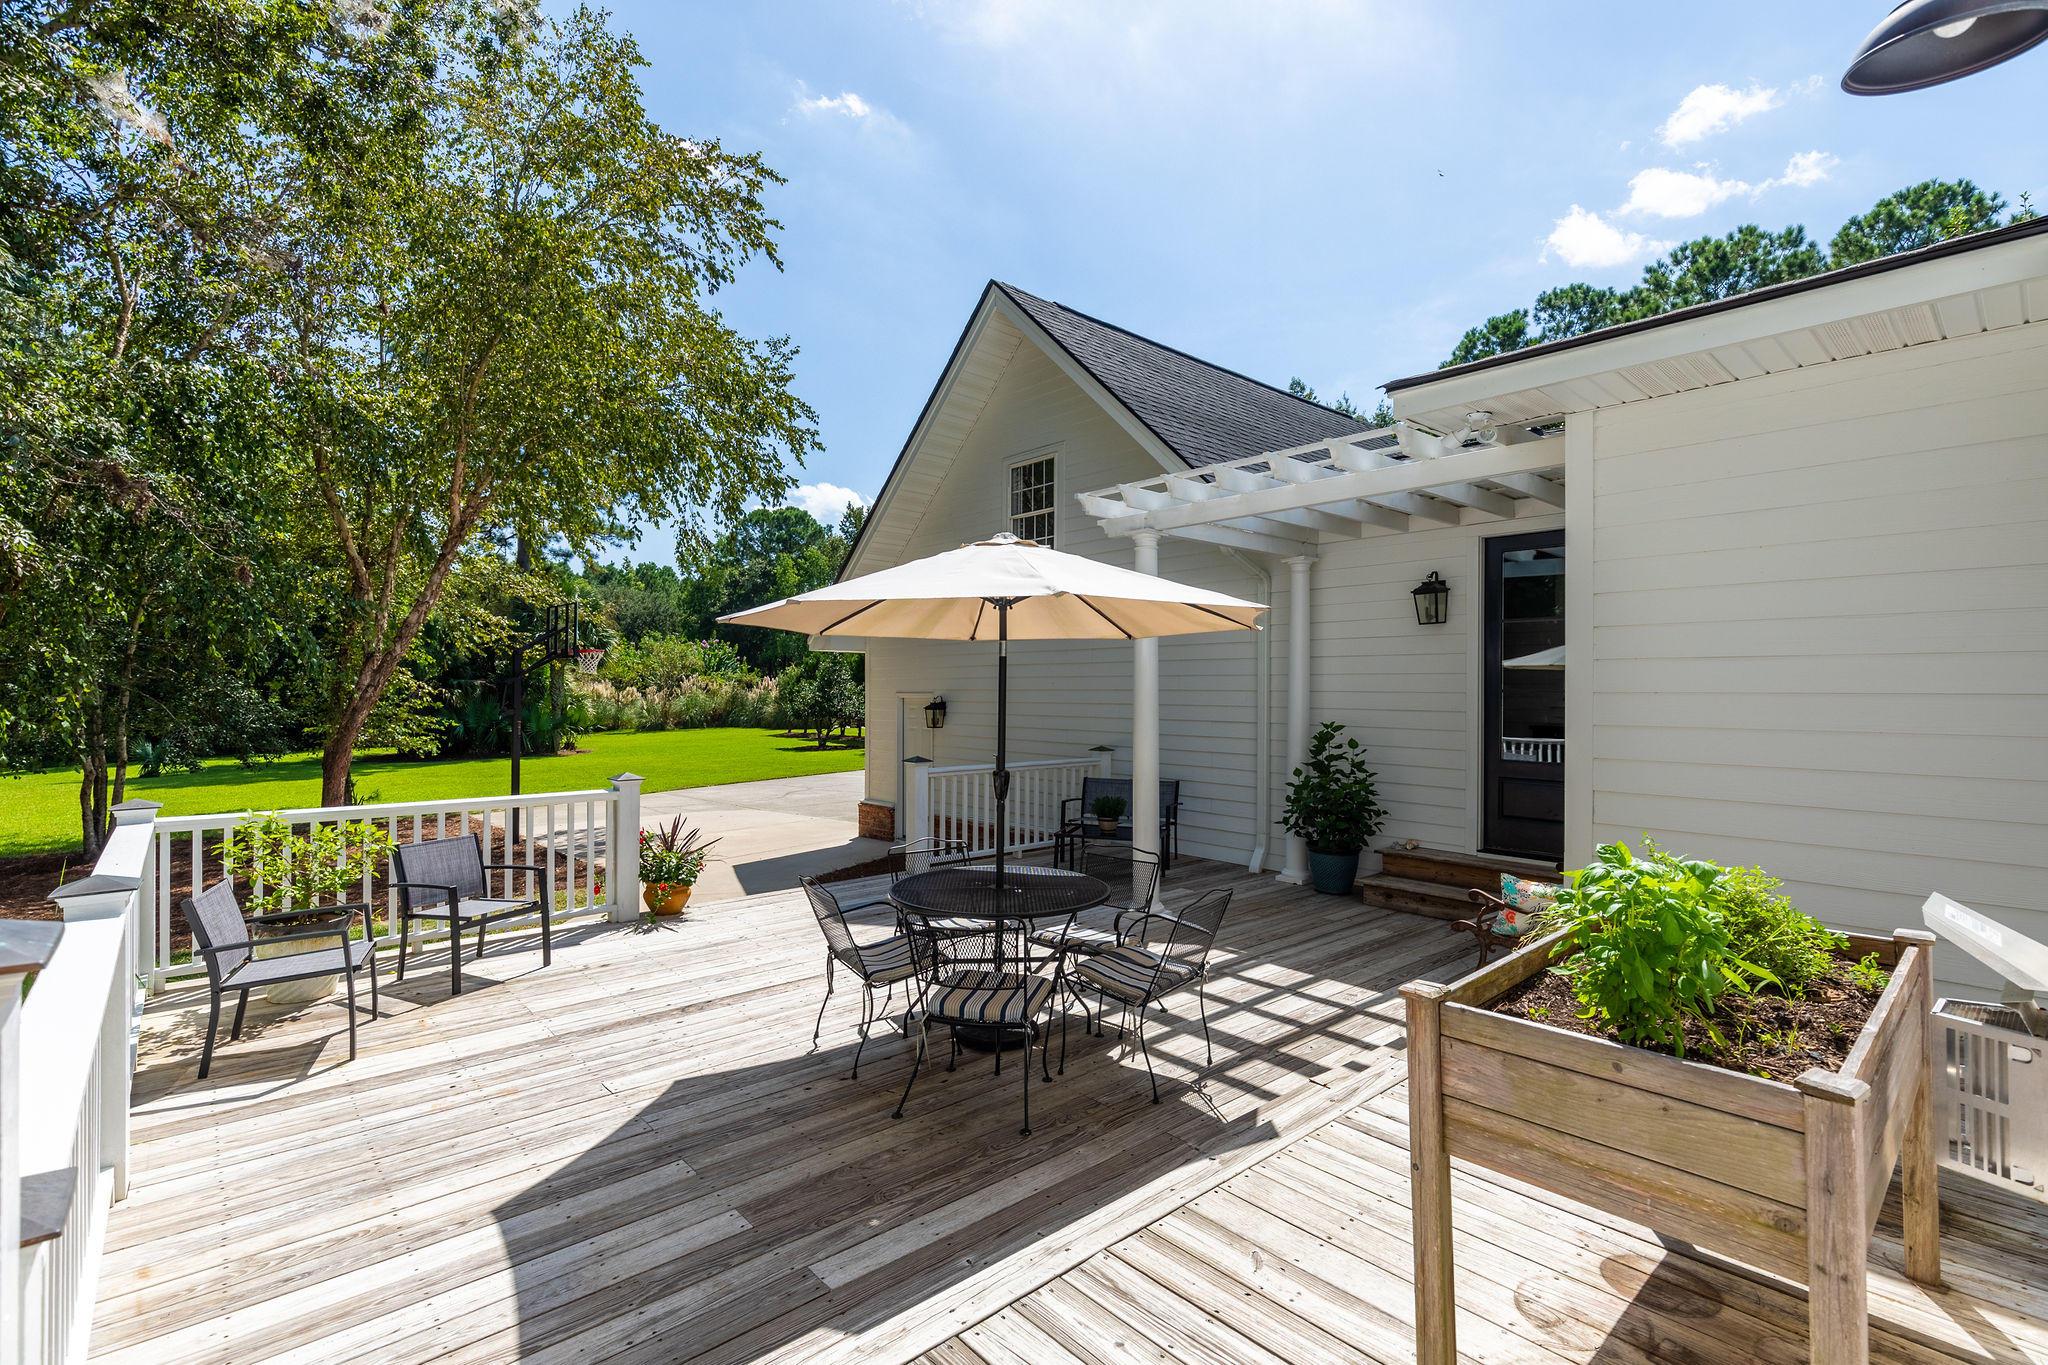 Dunes West Homes For Sale - 3201 Cottonfield, Mount Pleasant, SC - 4